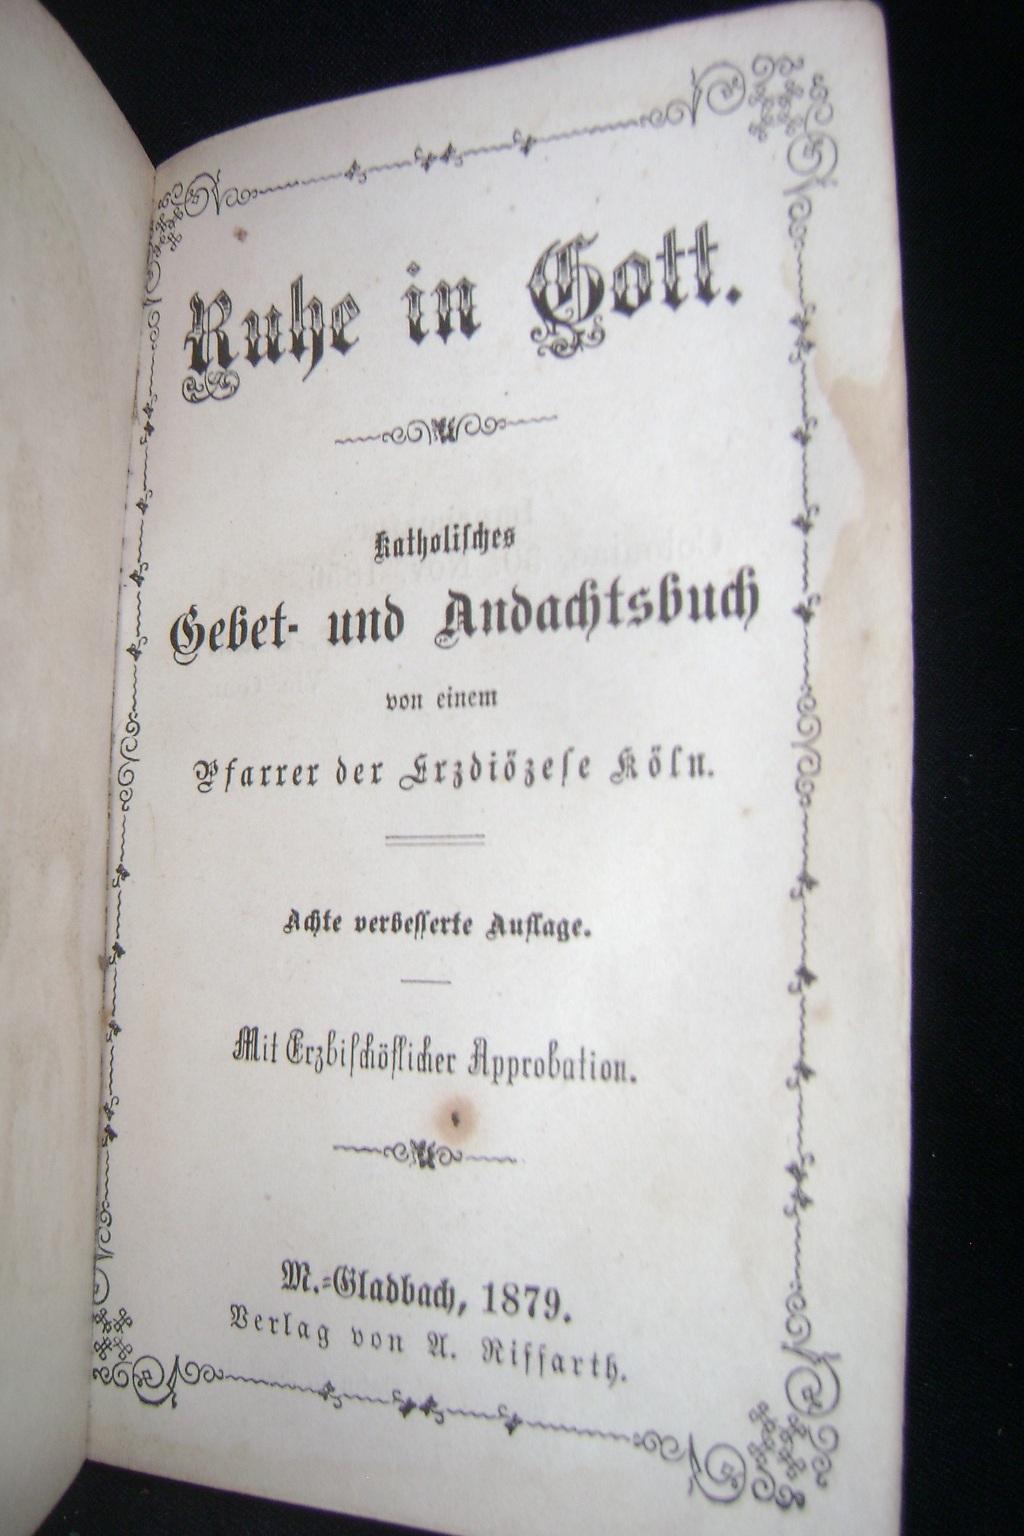 Knjiga_religija_Ruhe_in_gott_1879_3.JPG